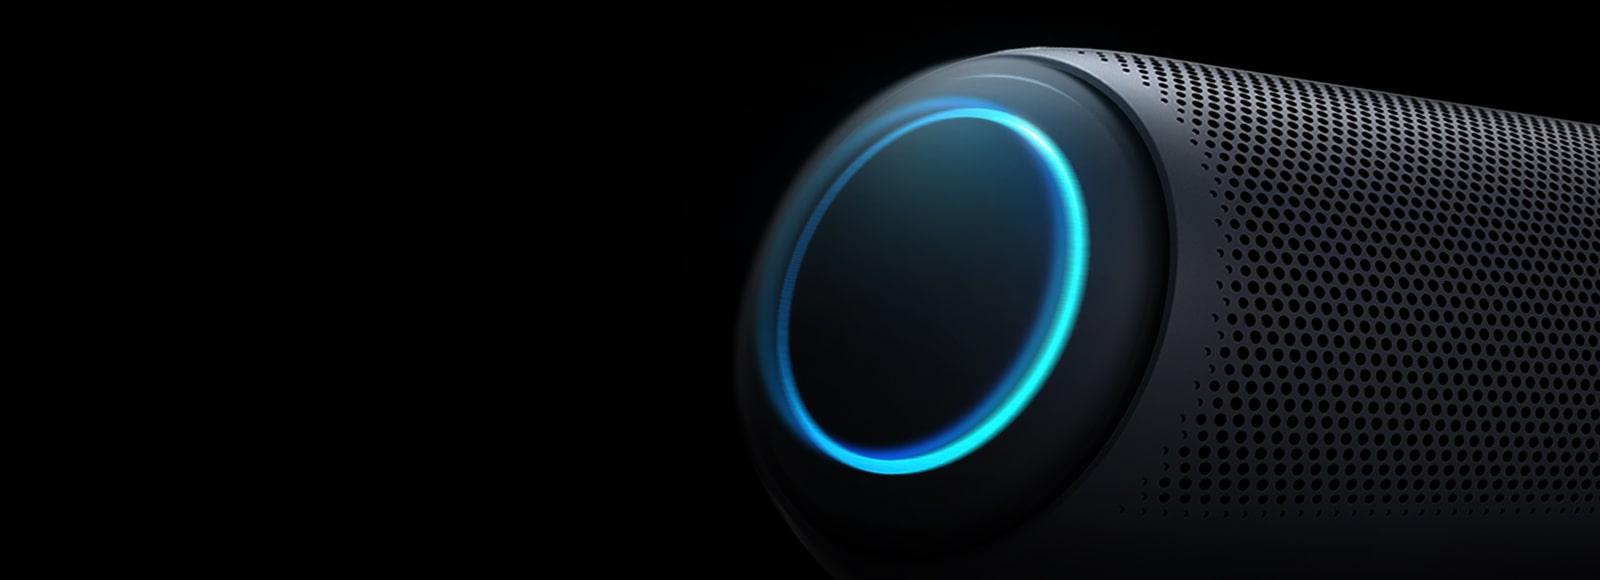 Σε μαύρο φόντο, υπάρχει ένα κοντινό πλάνο του αριστερού γούφερ του LG XBOOM Go με γαλάζιο φωτισμό.